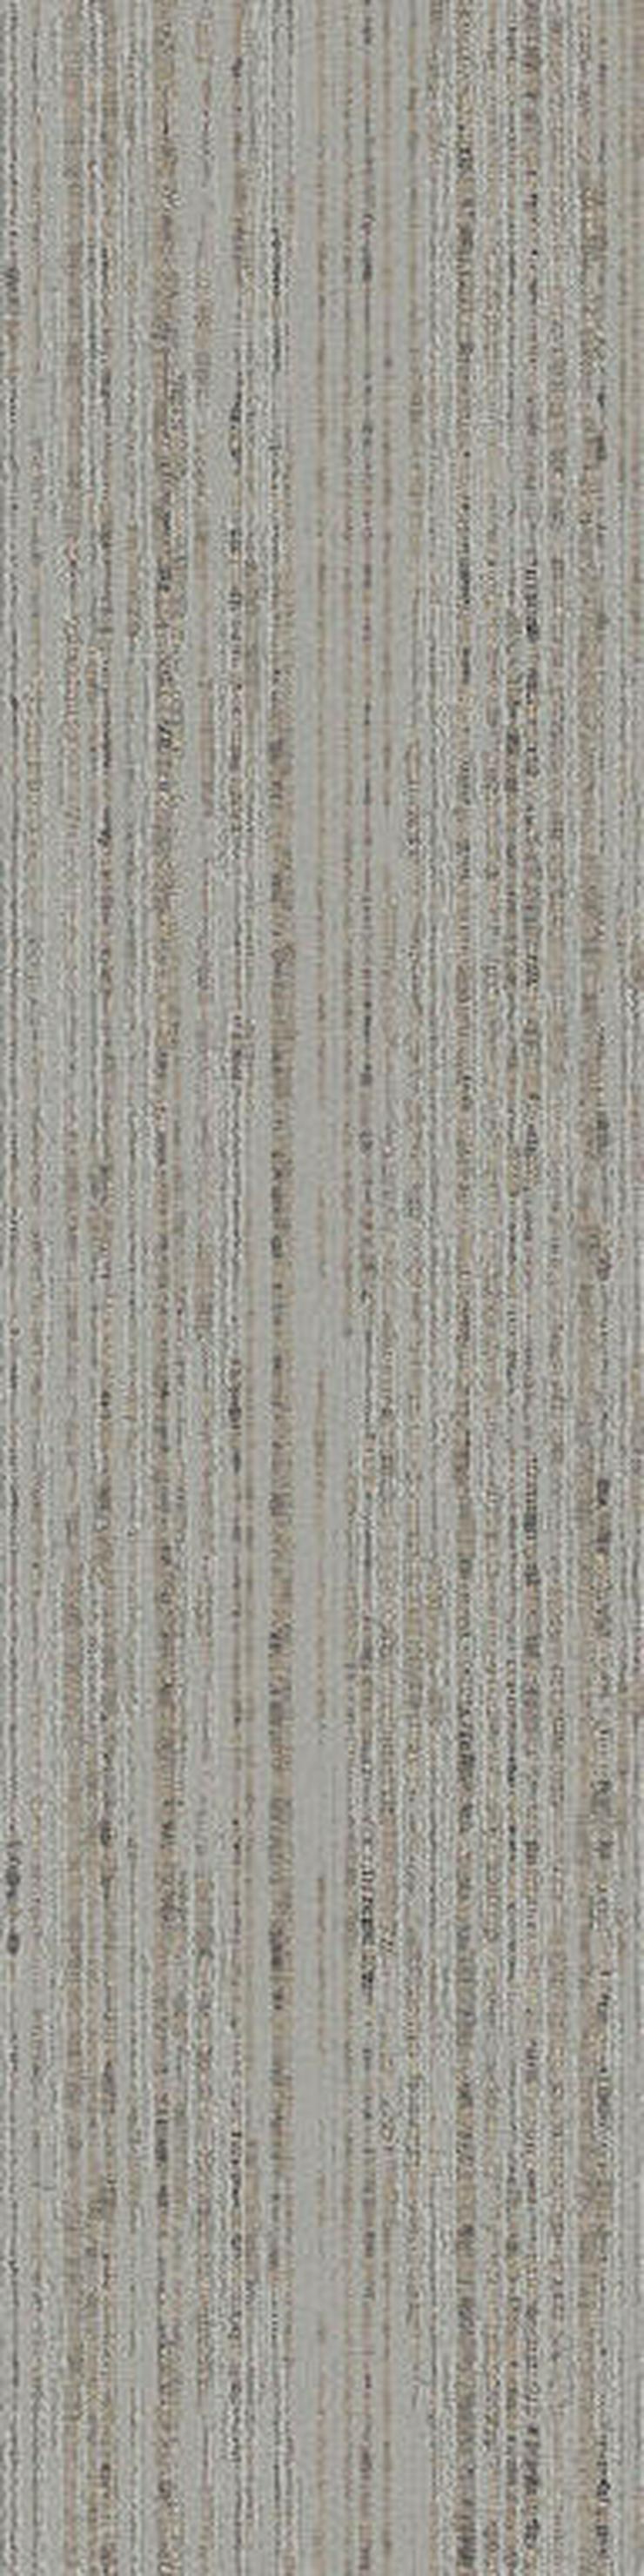 Schöne leichte 25X100cm Teppichfliesen. Auch in anderen Farben - Teppiche - Bild 1